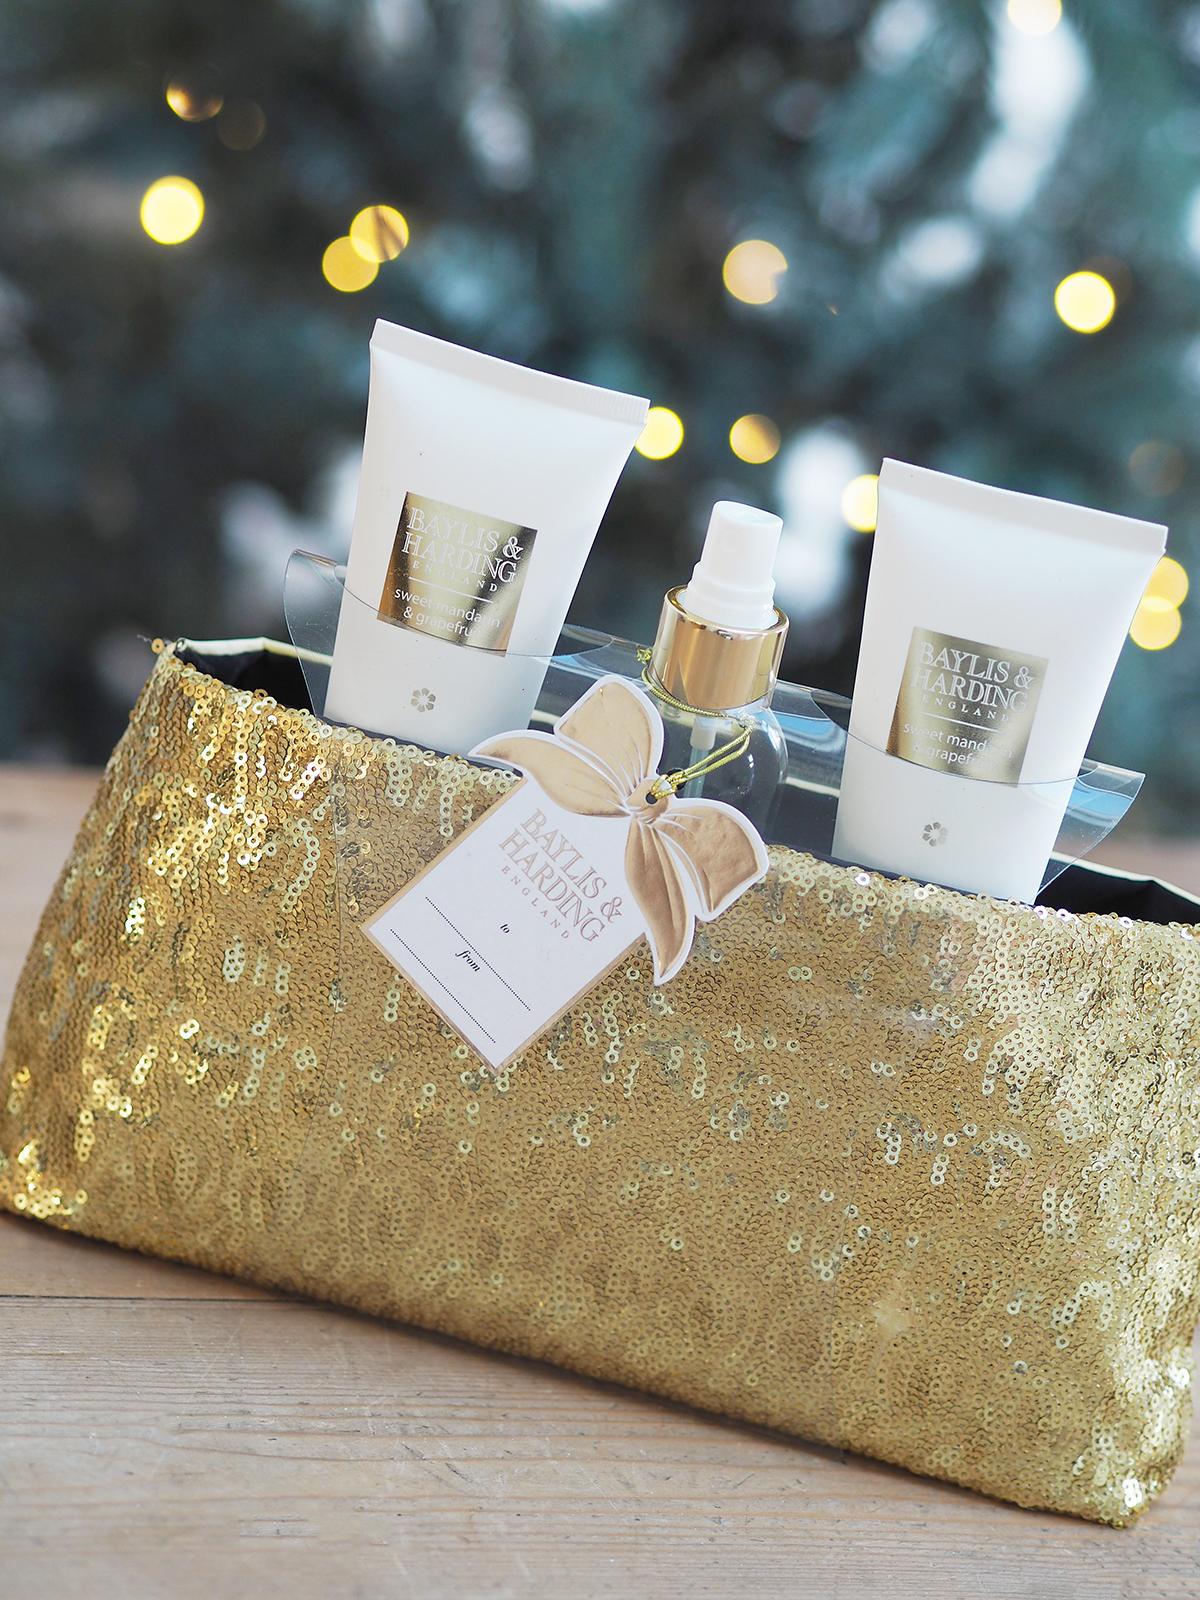 Baylis and harding gift sets